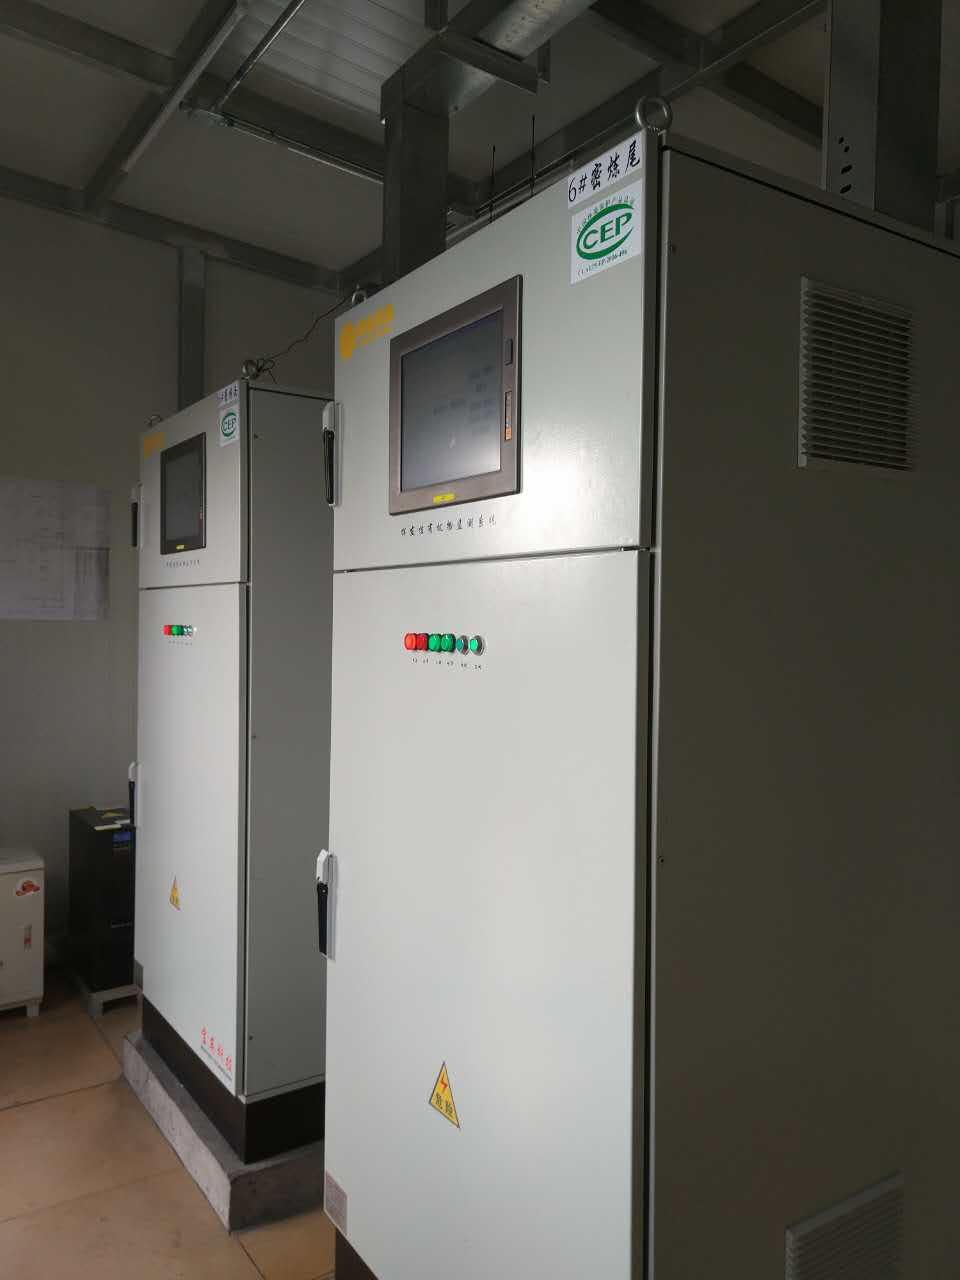 锦湖轮胎(天津)有限公司-VOCS在线监测系统